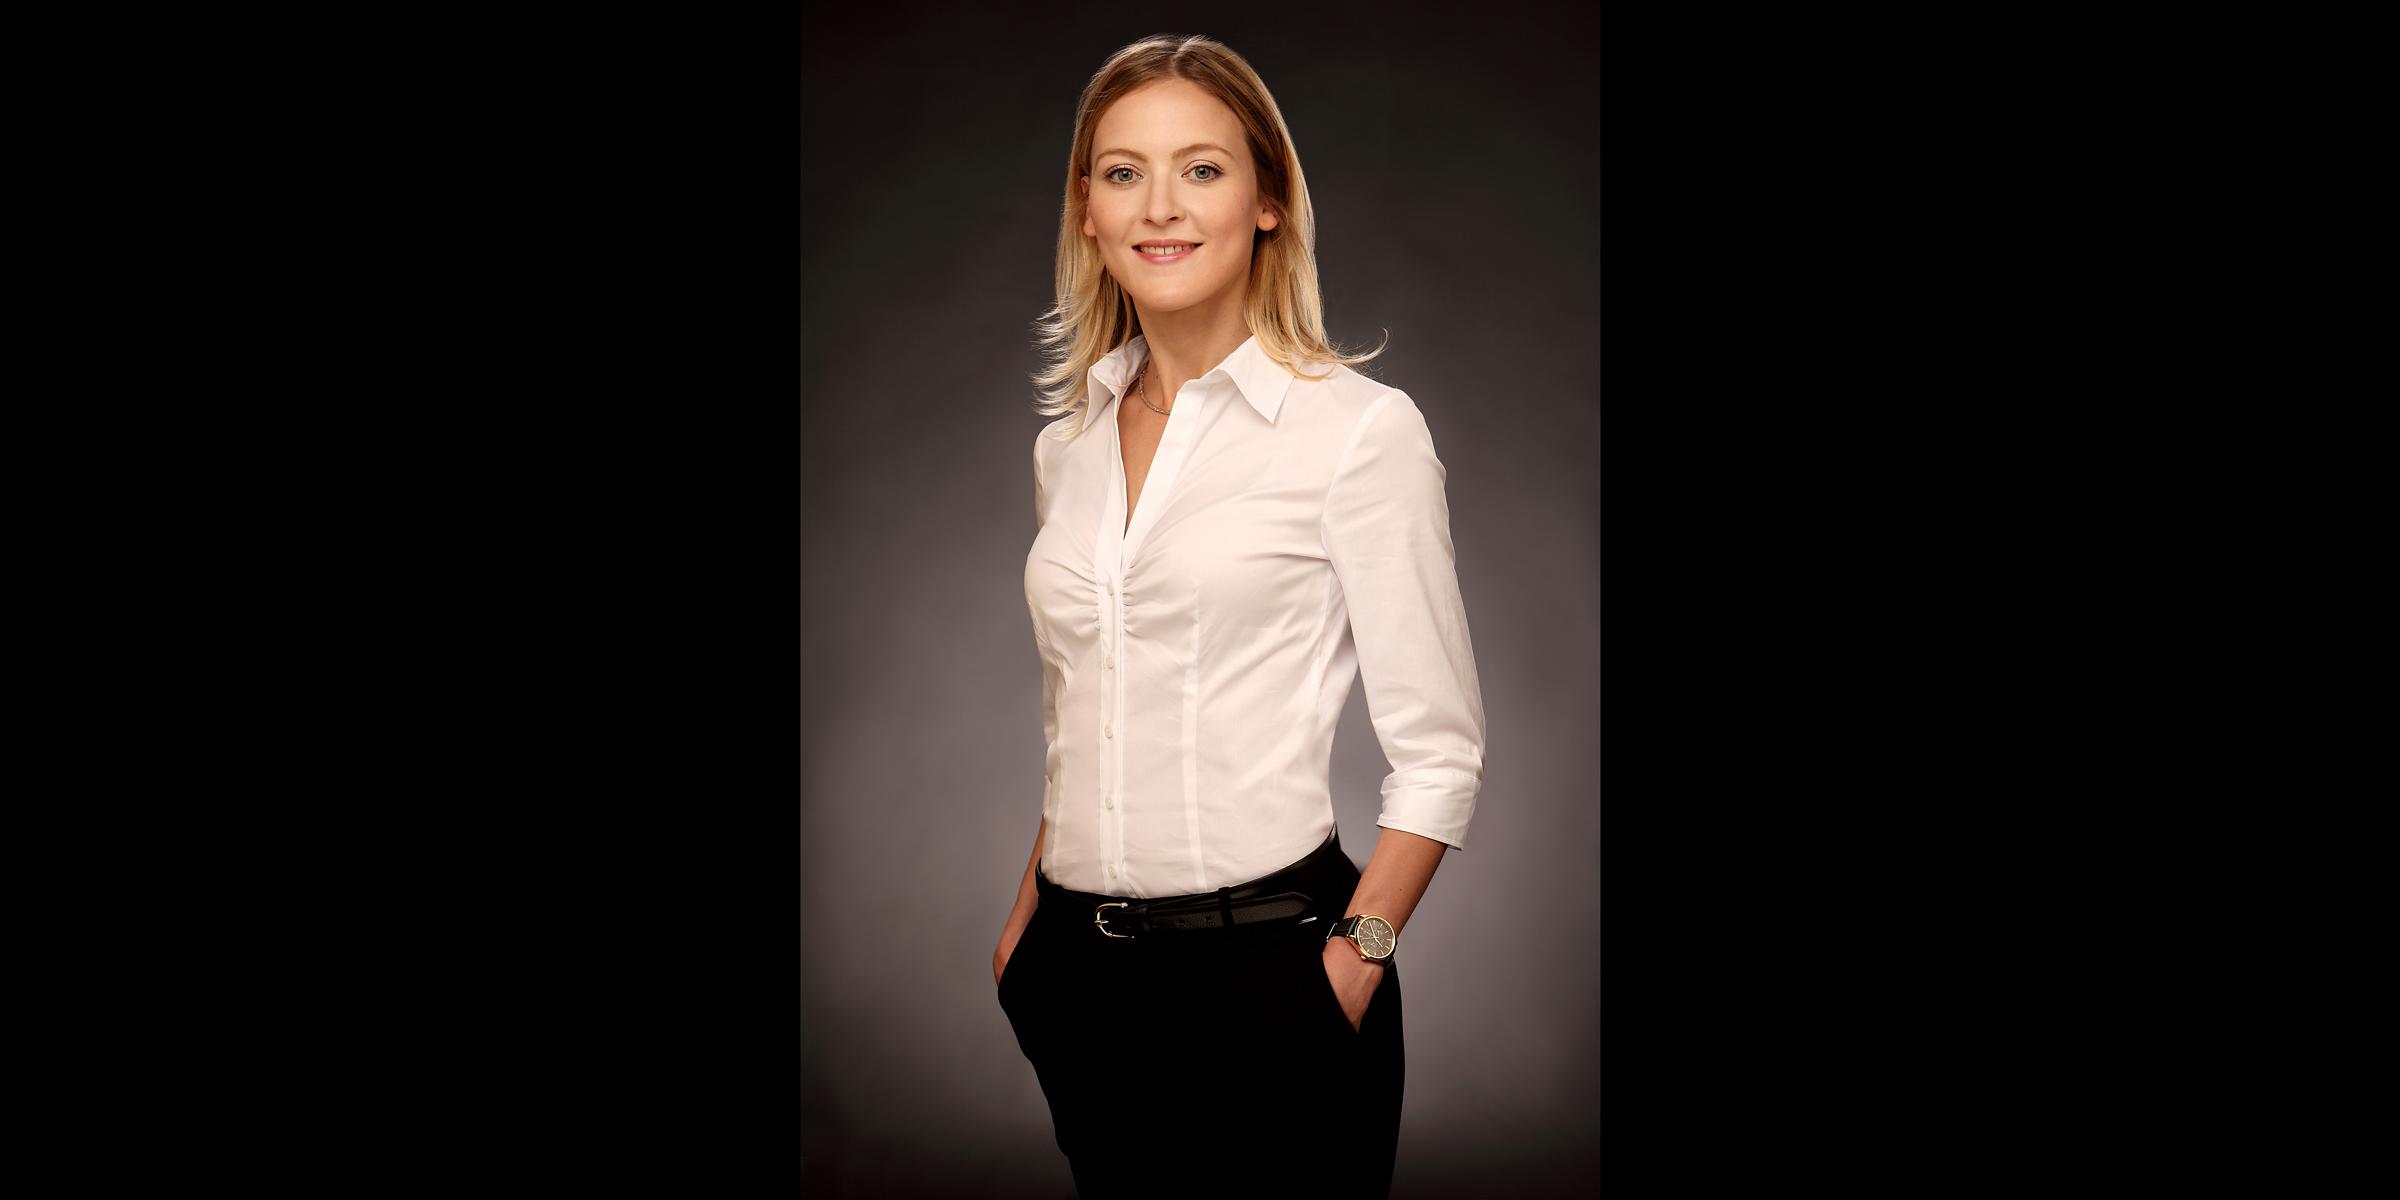 Farbportrait einer blonden Frau mit freundlichem Blick, die in weißer Bluse und dunkler Business-Hose posiert für Business Portrait.